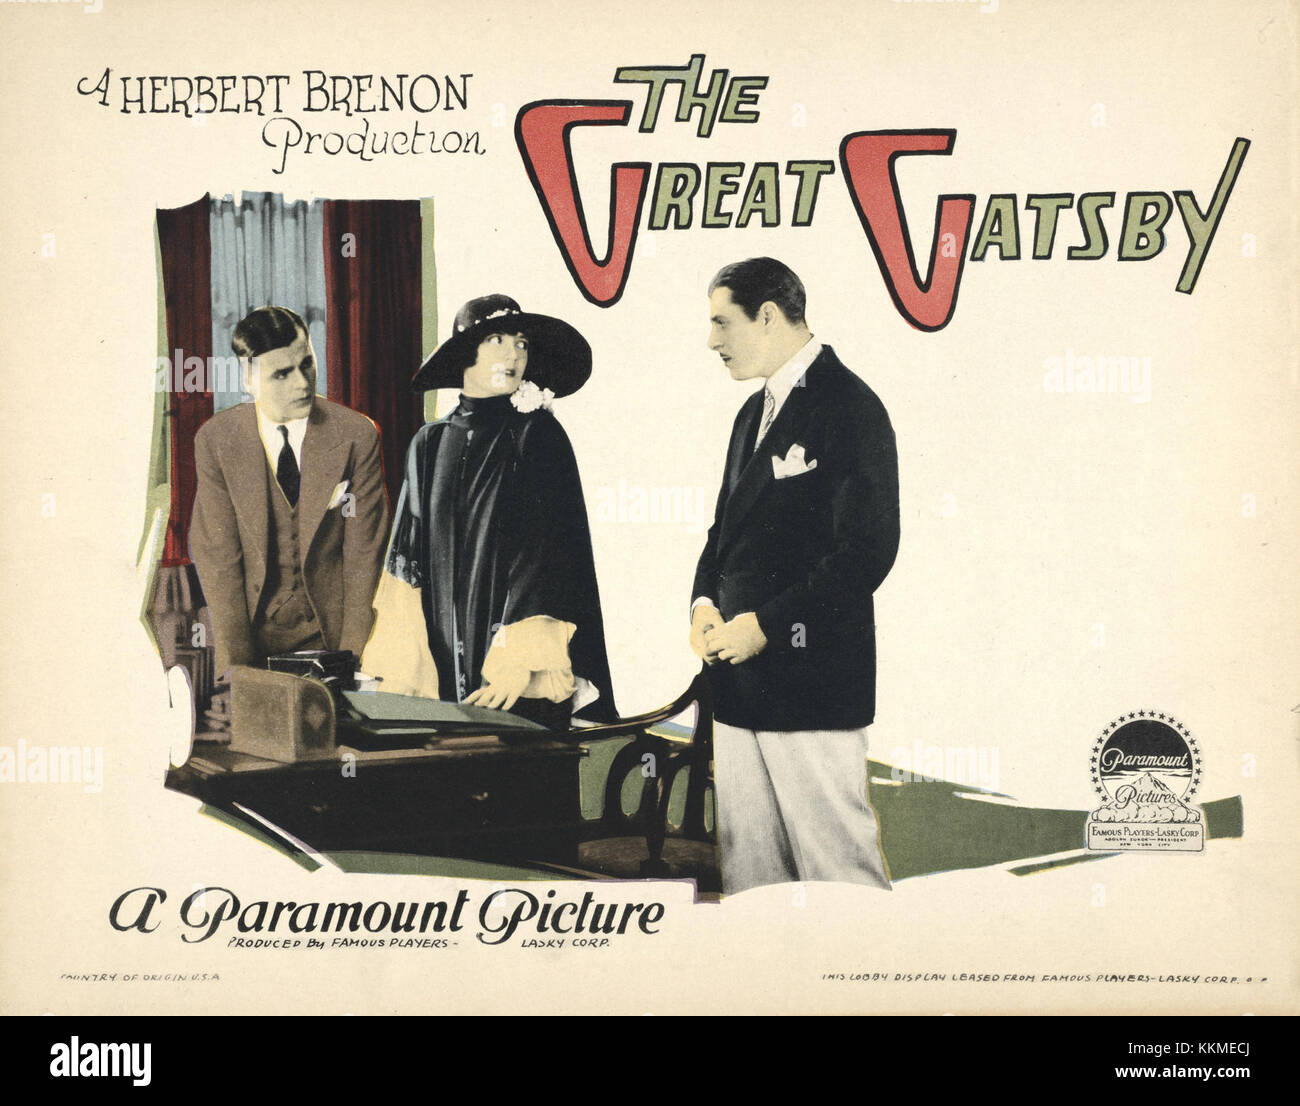 Great Gatsby lobby card Stock Photo